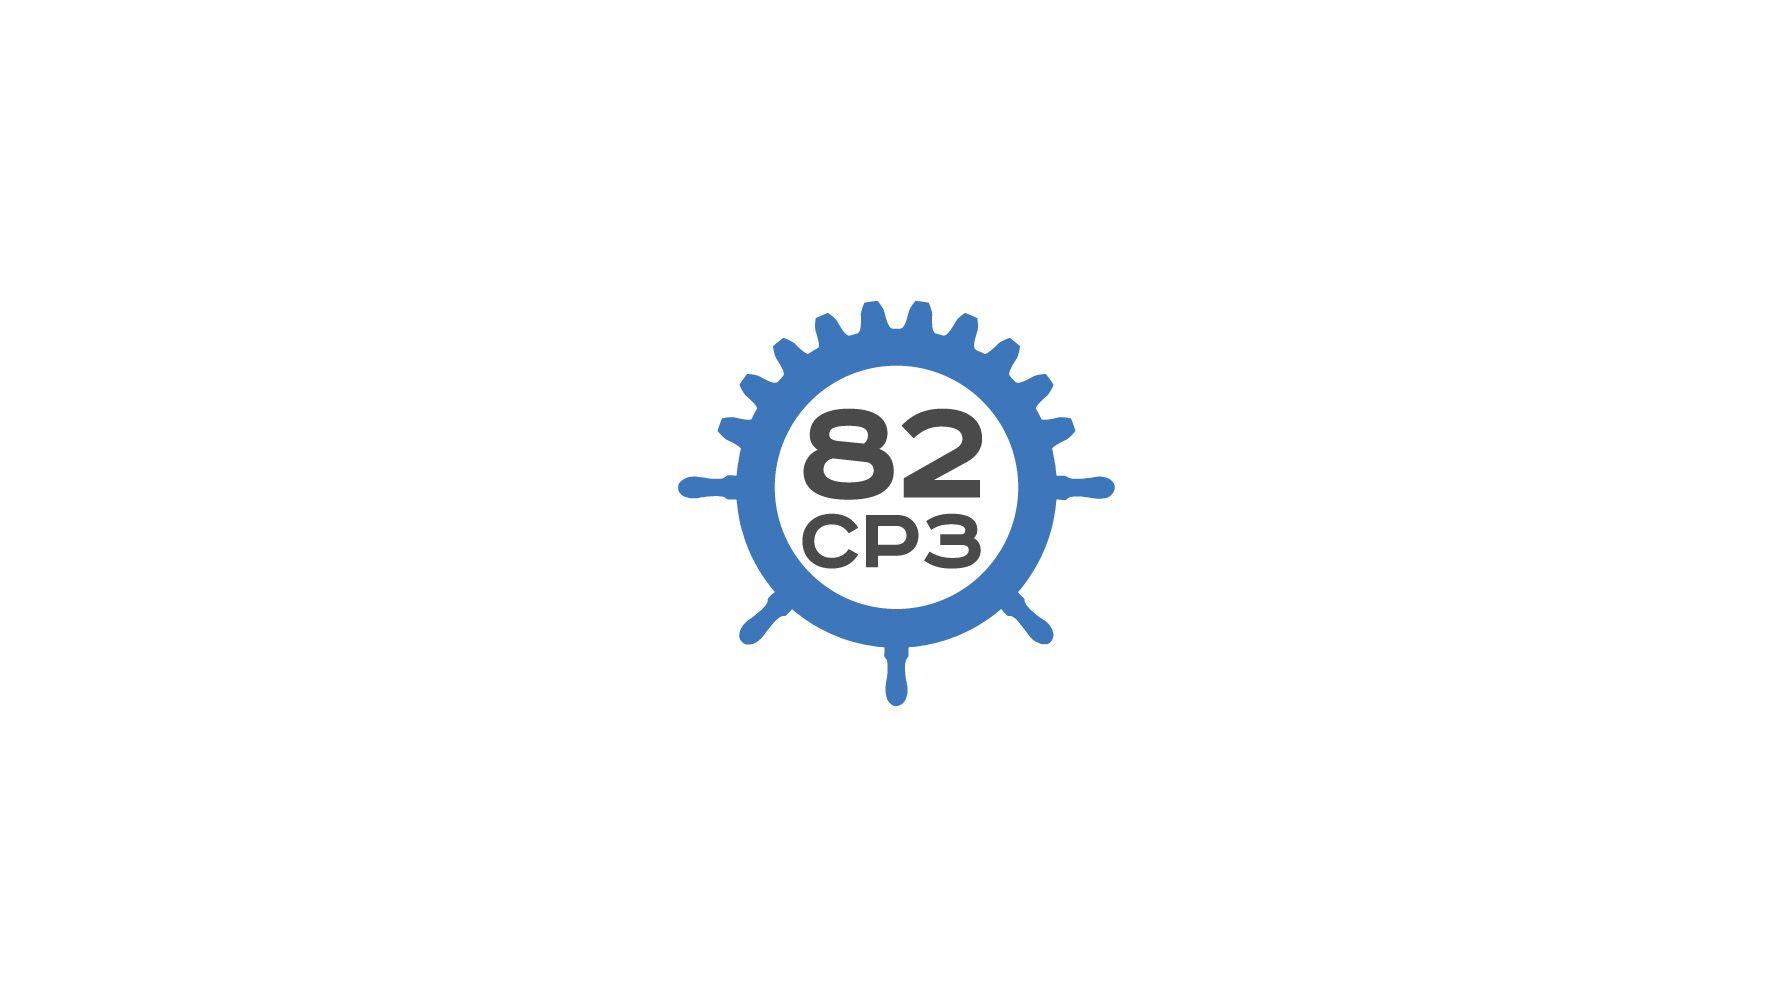 Логотип для судоремонтного завода - дизайнер andblin61